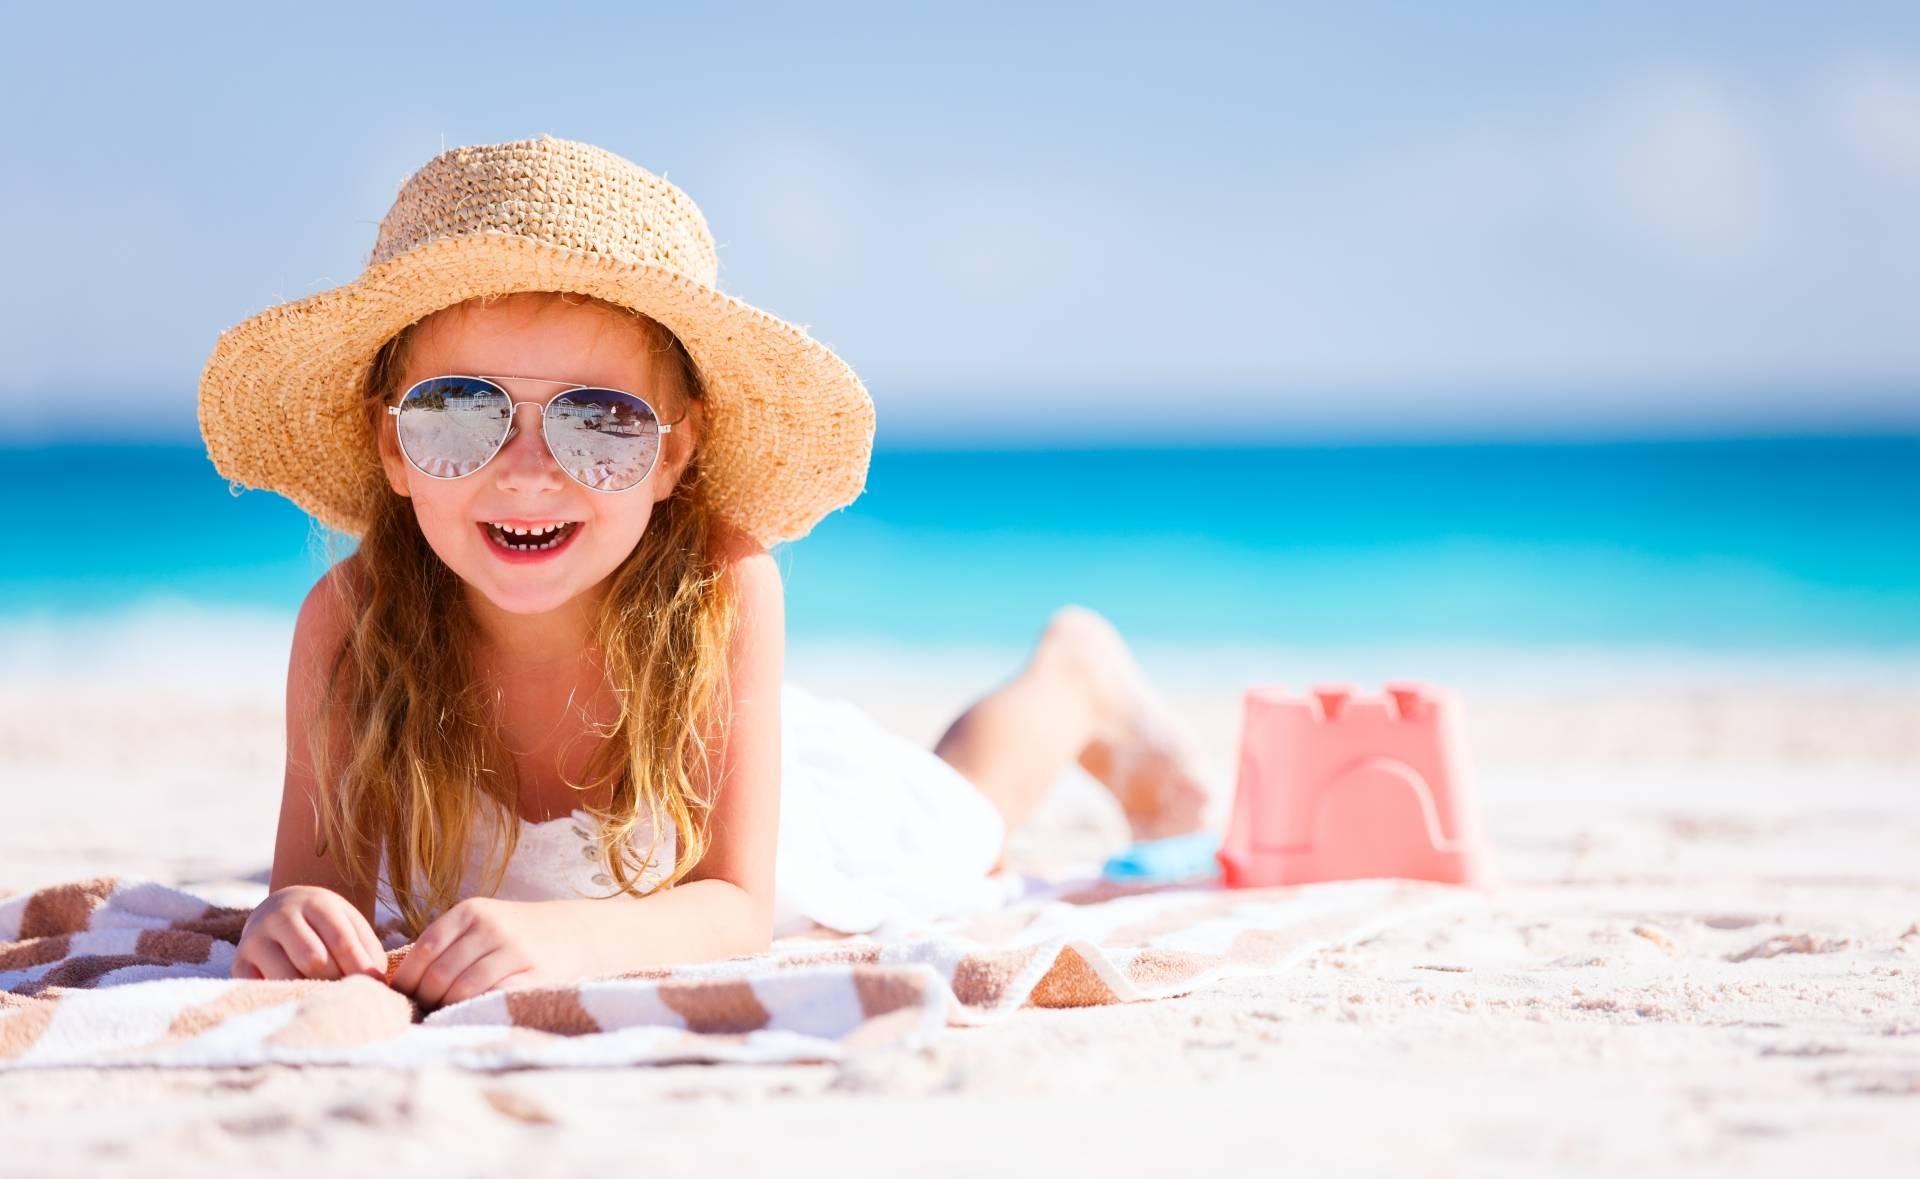 Dziewczynka w okularach przeciwsłonecznych i kapeluszu słomkowym opala się na plaży. Jak chronić dziecko przed udarem słonecznym?